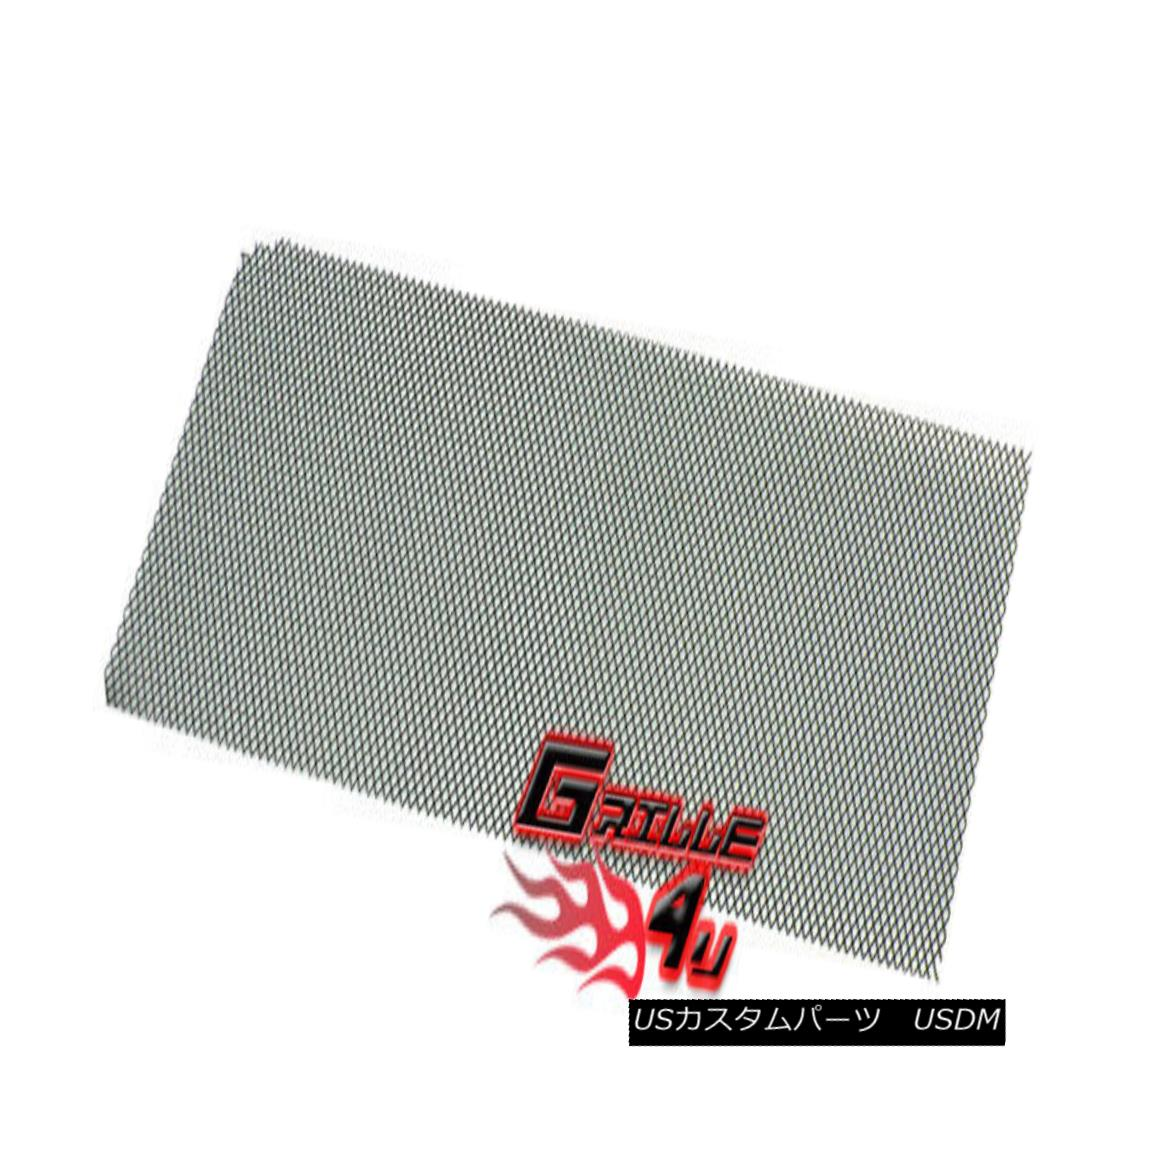 グリル For Universal Black Stainless Steel Mesh Premium Grille 12X48 1pc ユニバーサルブラックステンレススチールメッシュプレミアムグリル12X48 1個